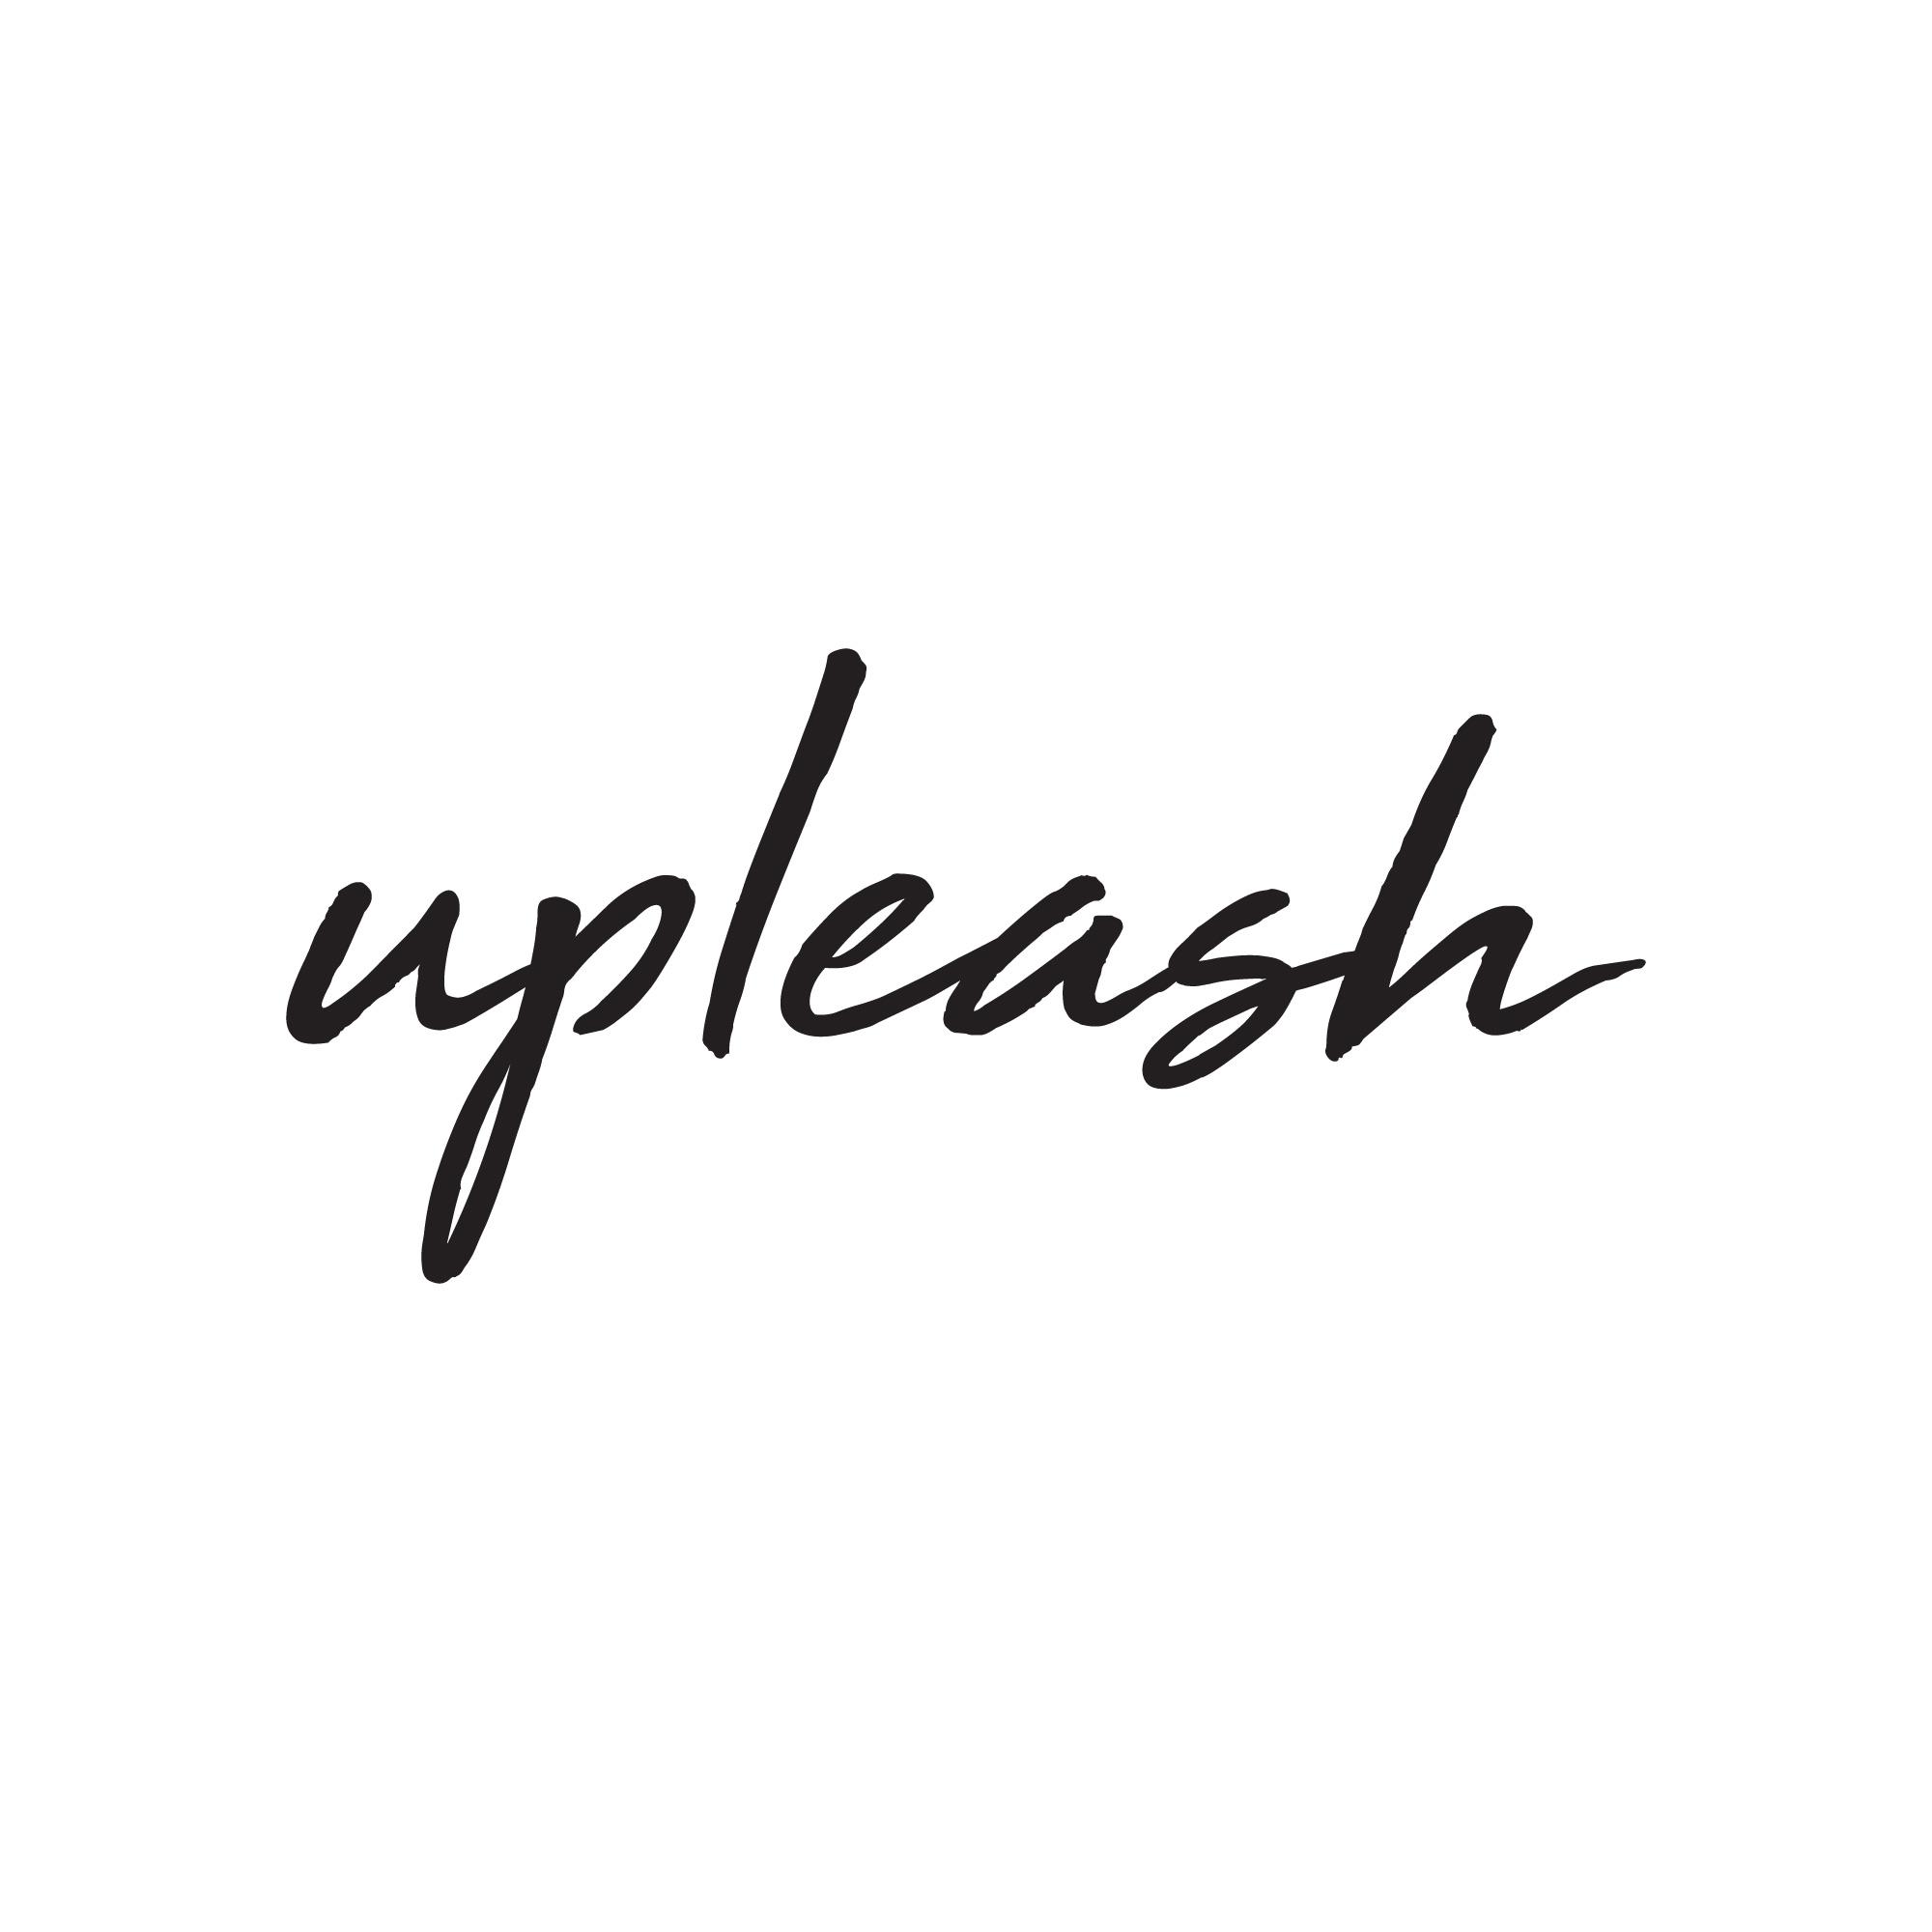 Upleash